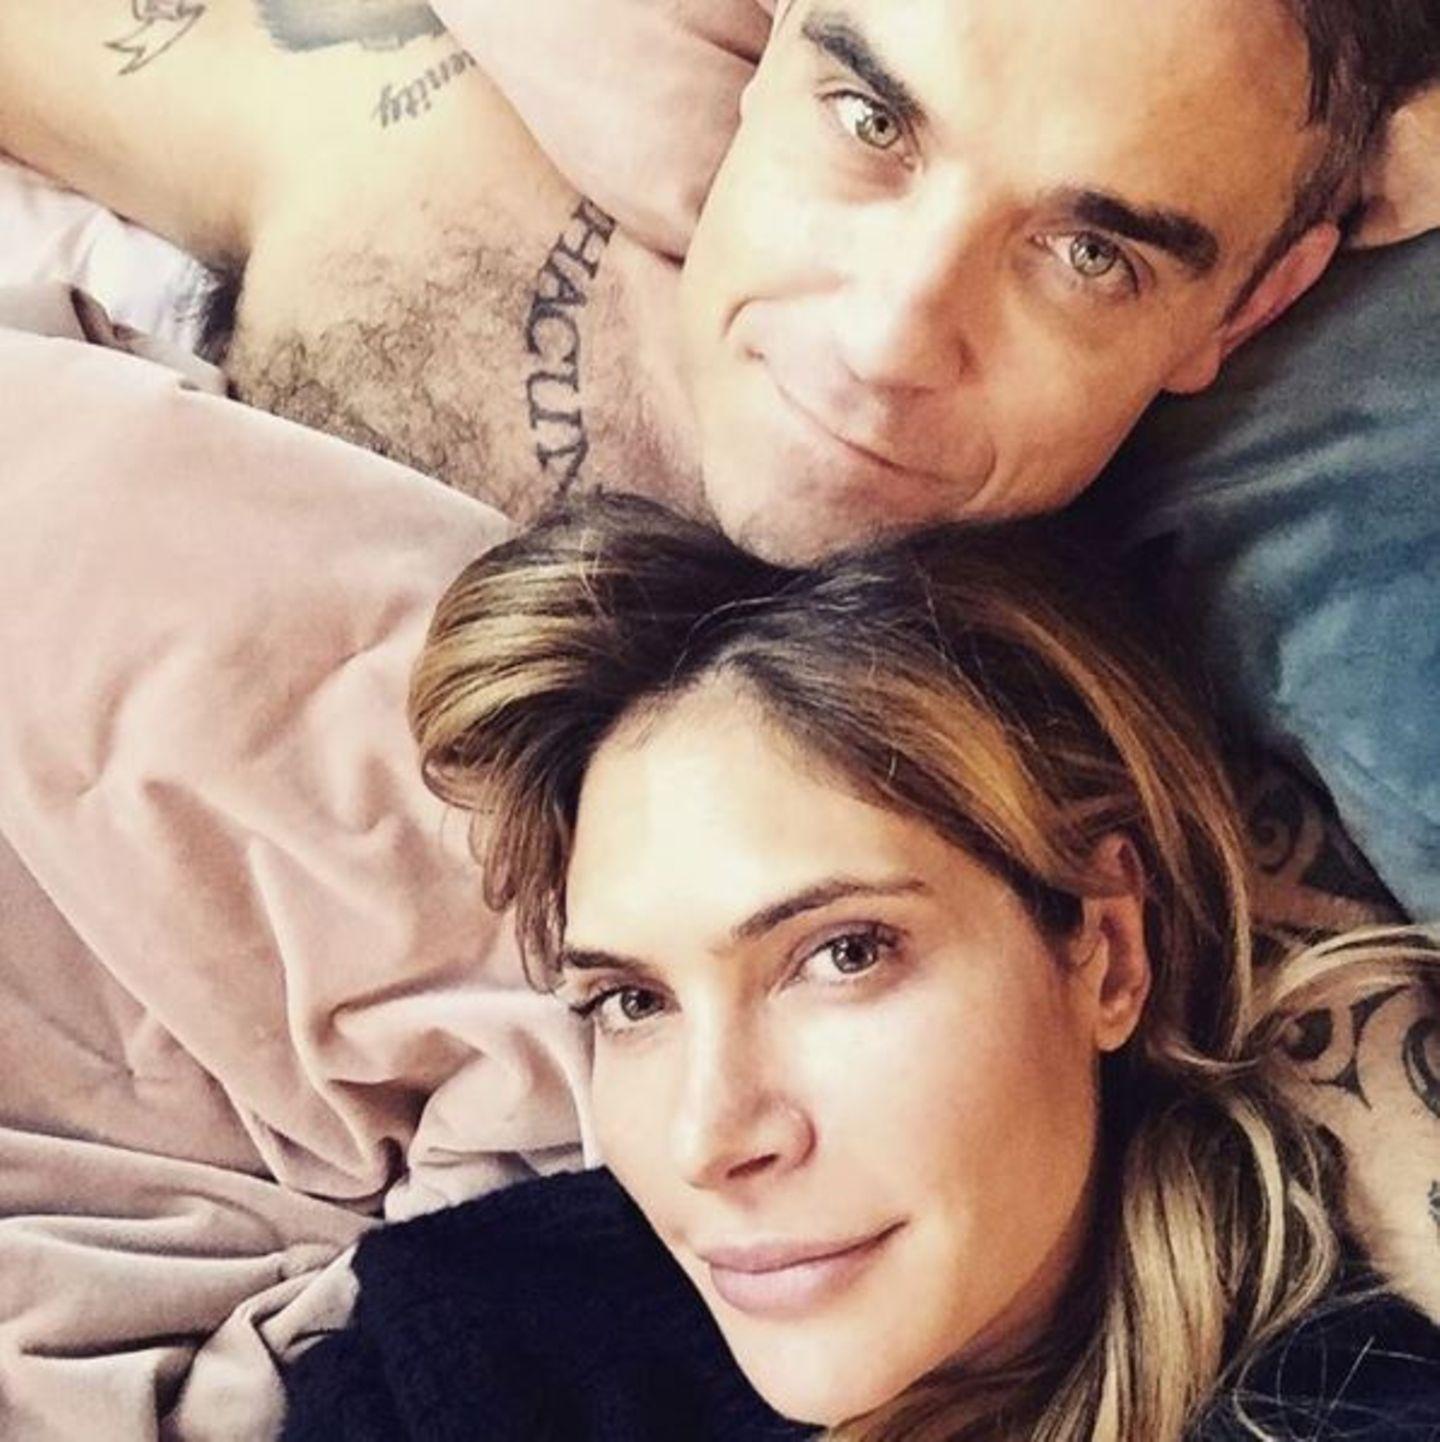 """November 2016   Robbie Williams hat dieser Tage viel zu feiern, gerade ist sein neuestes Werk """"The Heavy Entertainment Show"""" veröffentlicht worden. Aber das schönste Fest ist und bleibt das Kuscheln mit seiner Frau Ayda Field."""